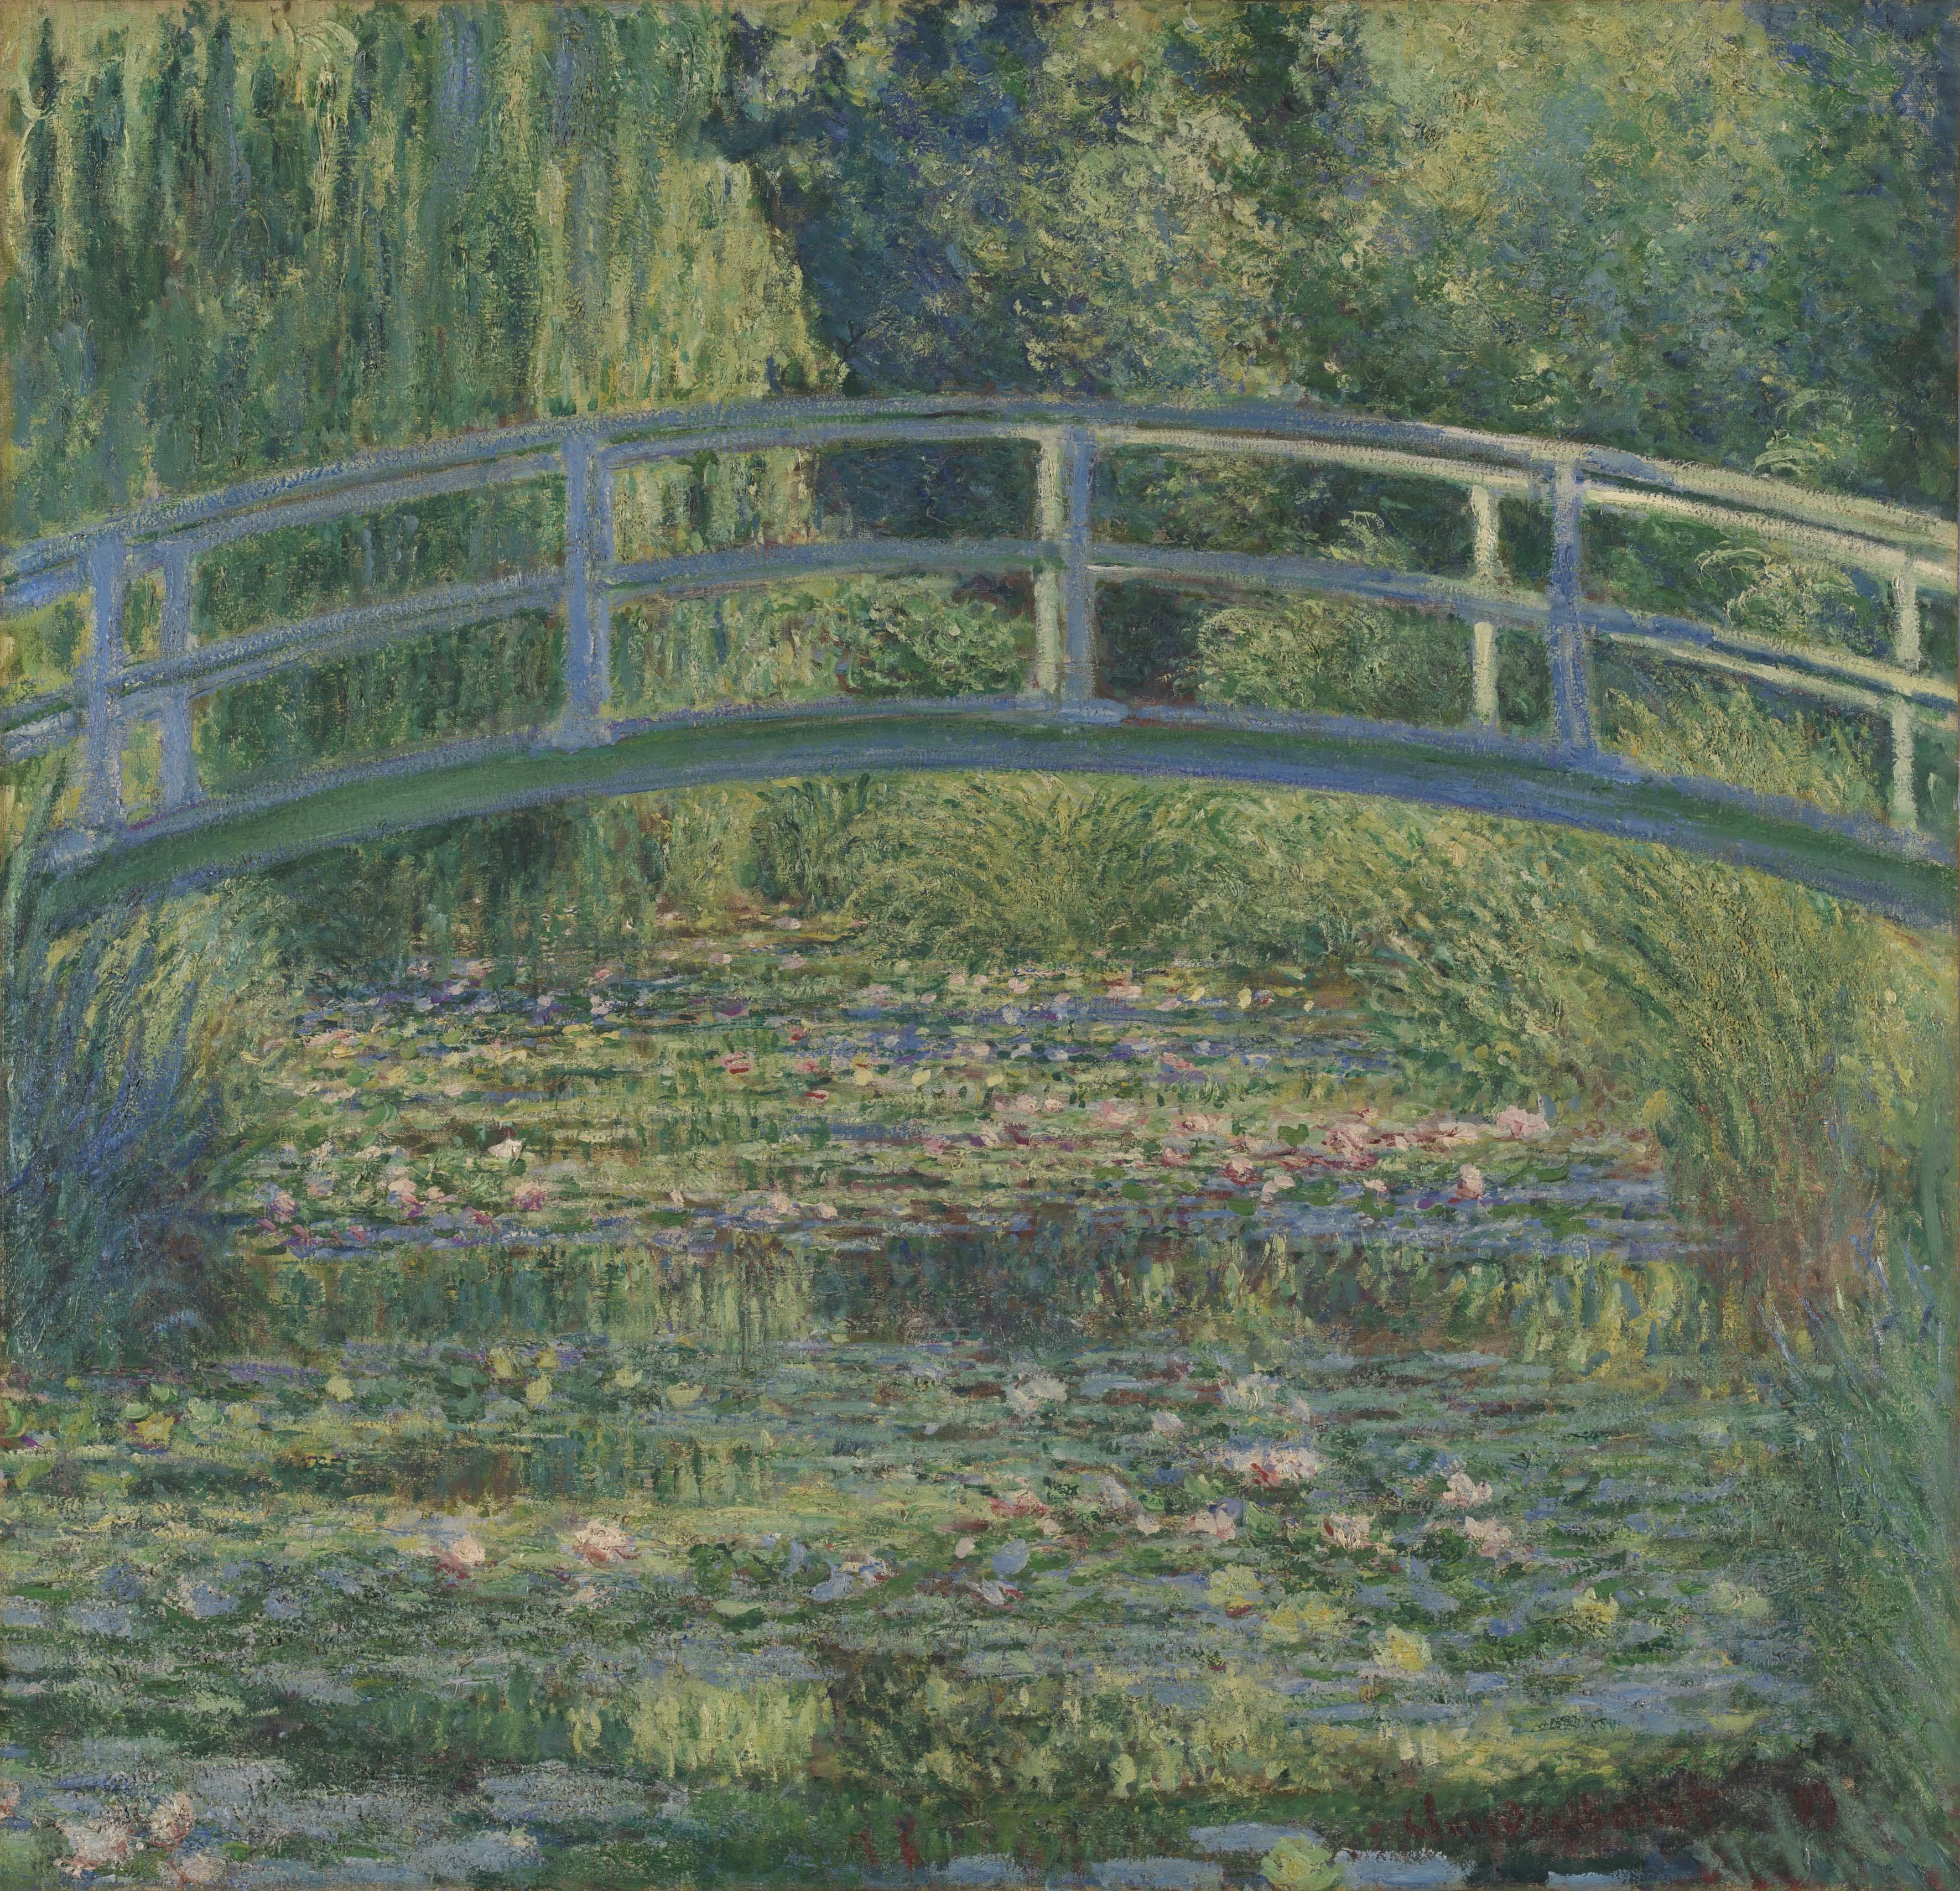 クロード・モネ 《睡蓮の池》 1899年 油彩・カンヴァス 88.3×93.1cm (C)The National Gallery, London. Bought, 1927